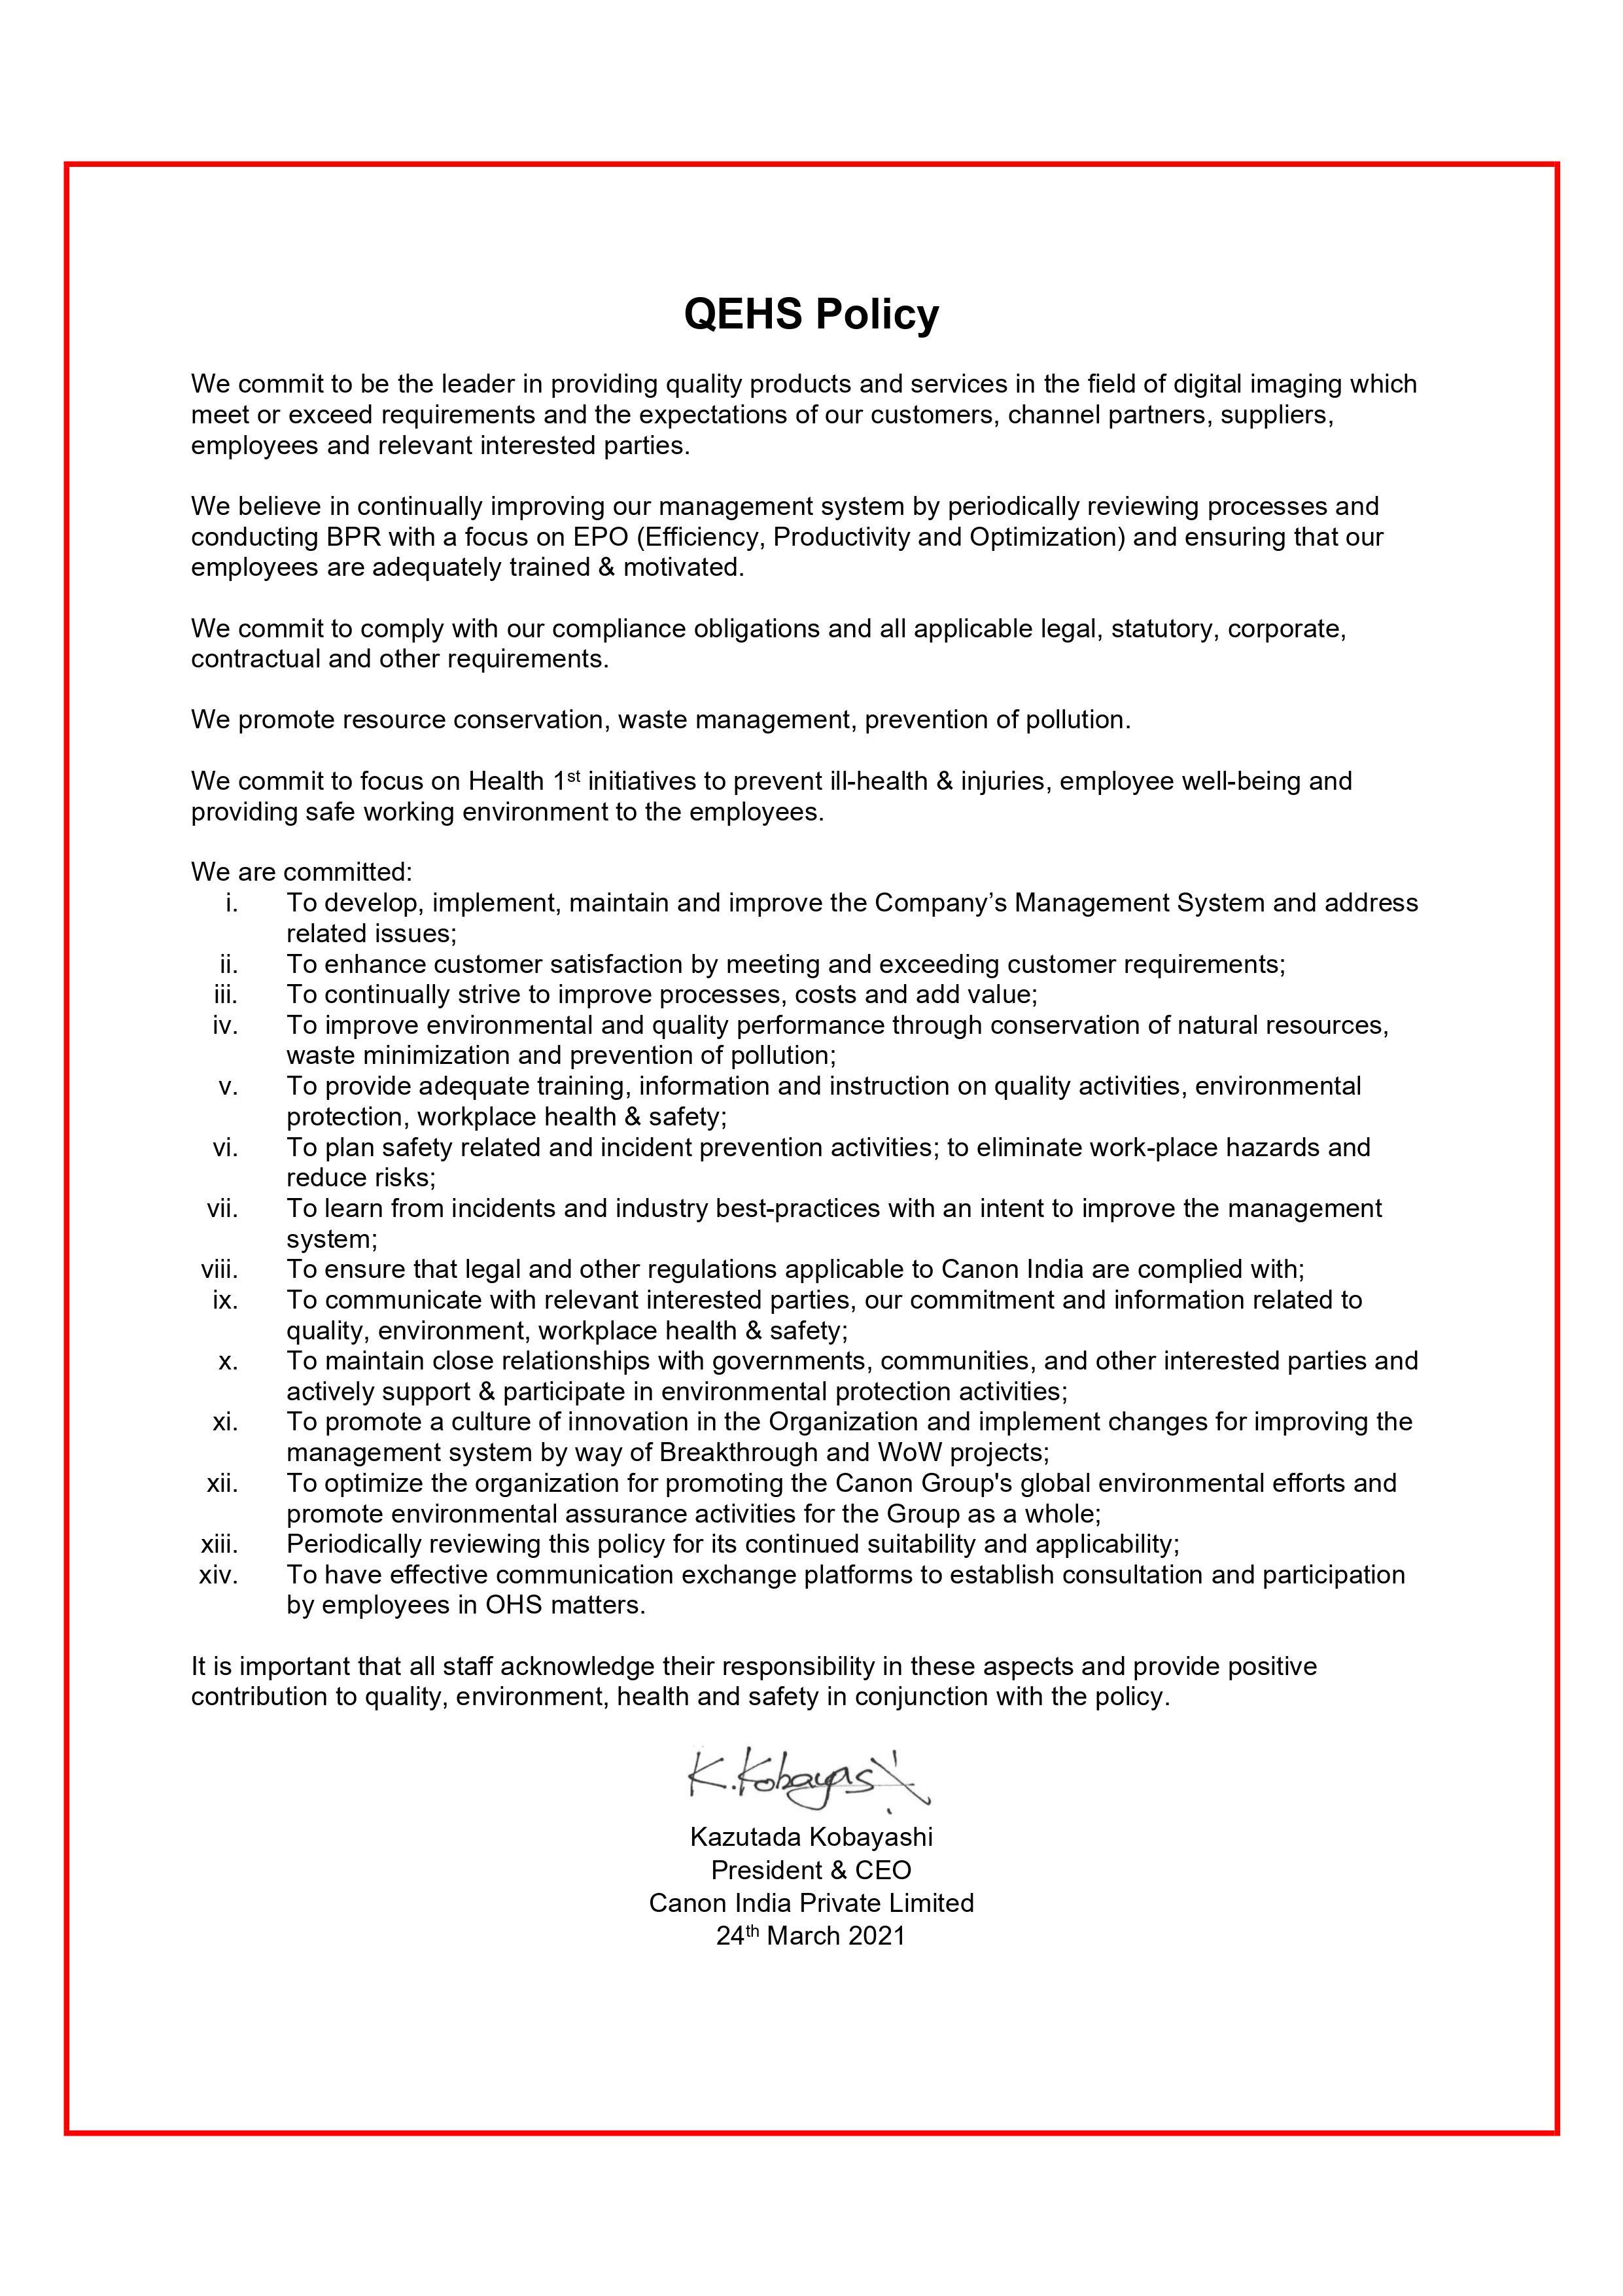 QEHS Policy_QEHS-PO-001- 2021